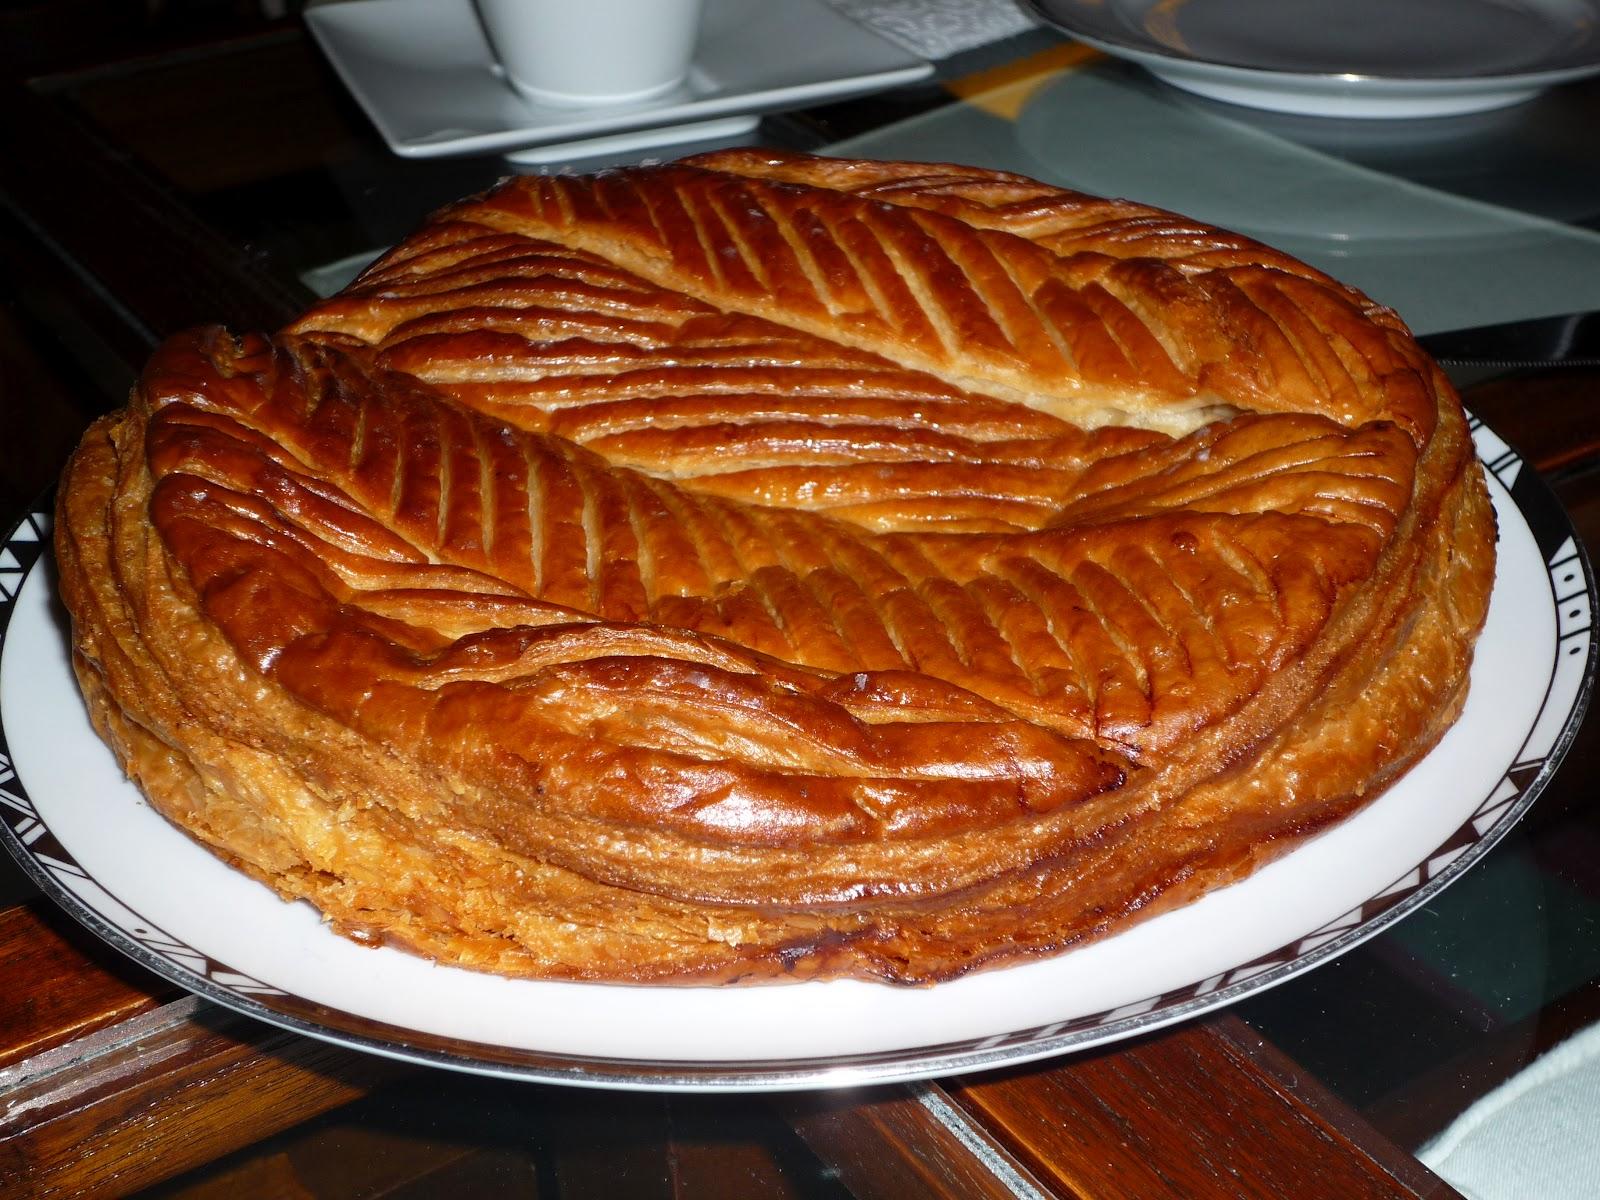 La cuisine de caro galette des rois - Date galette des rois ...